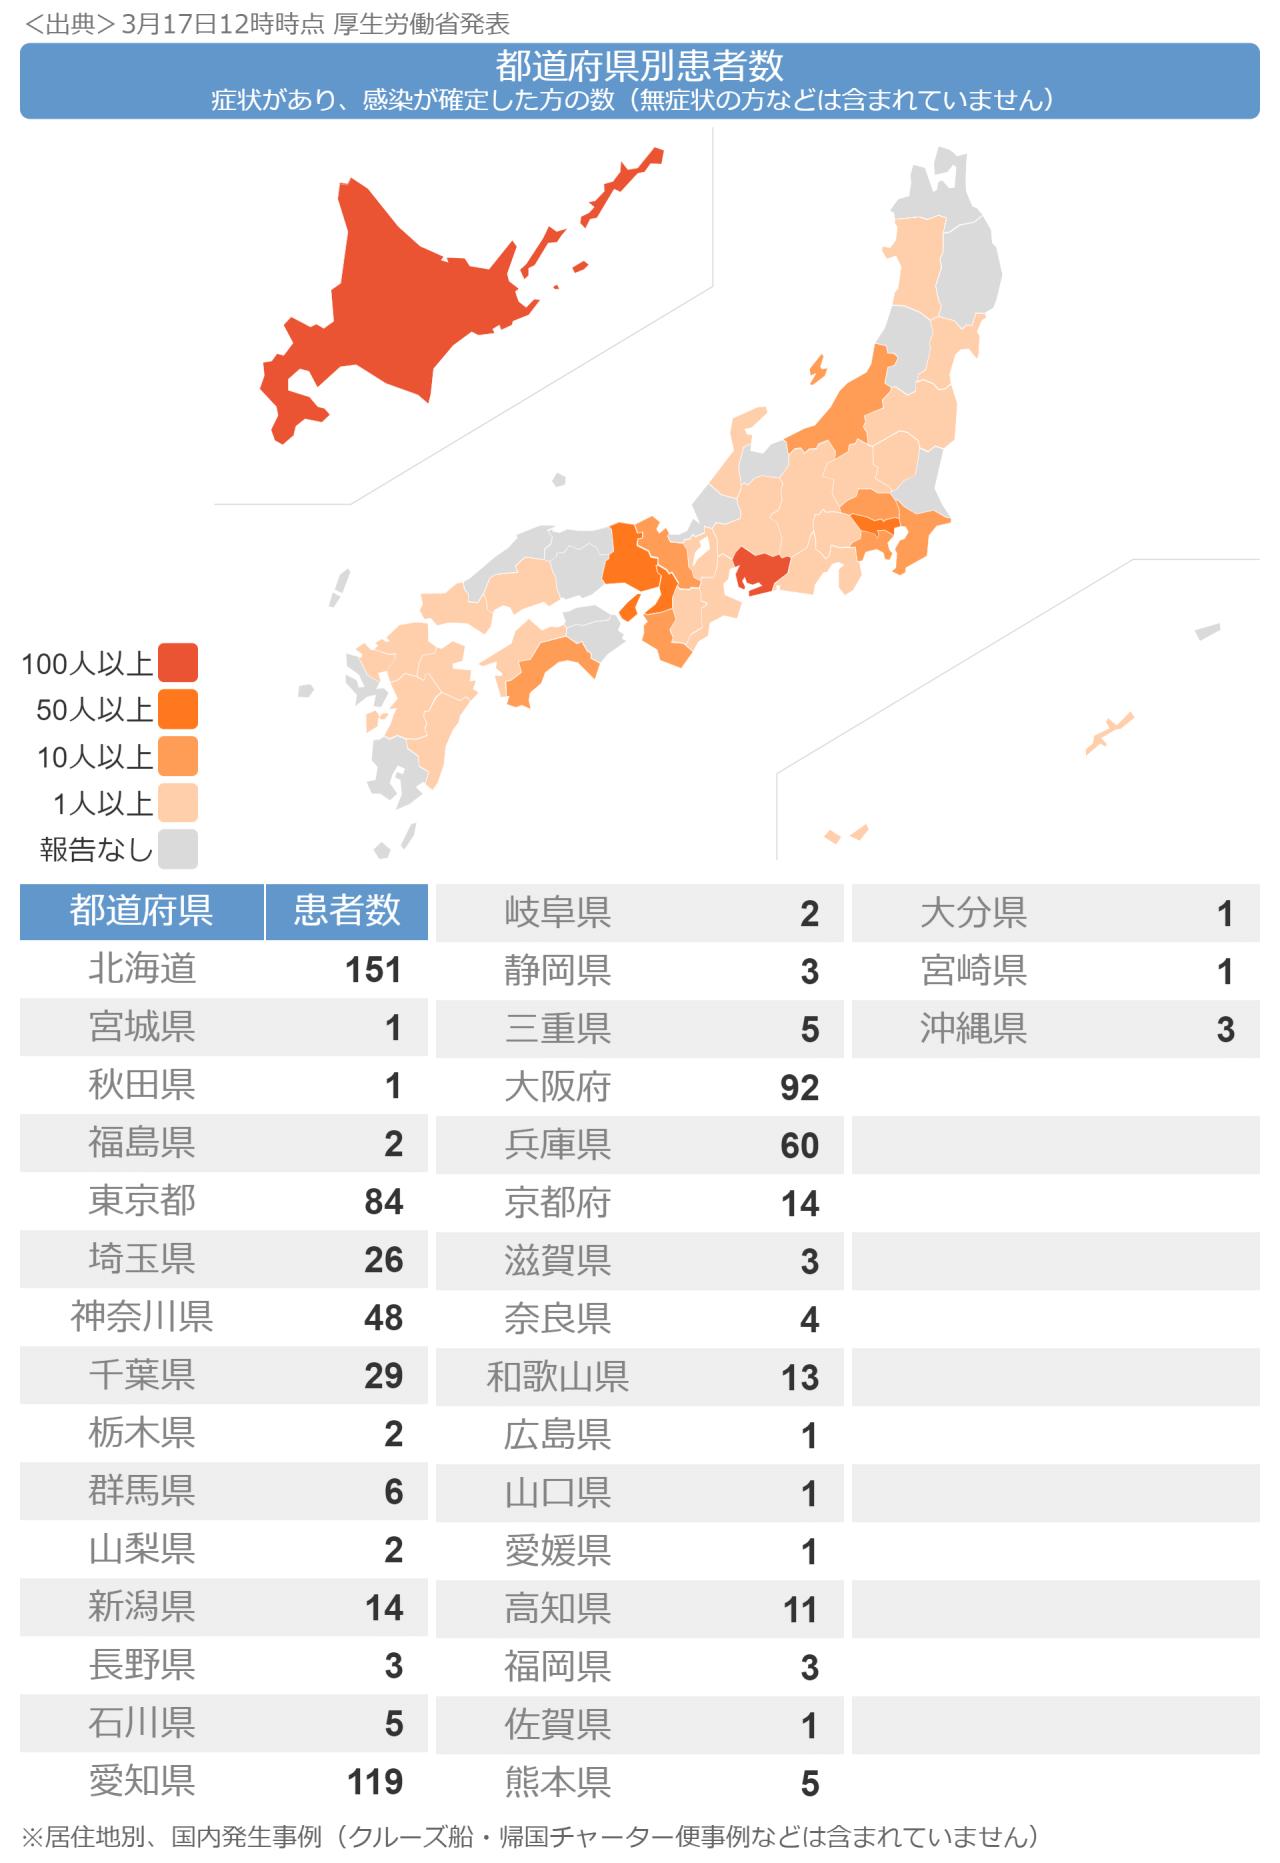 都 道府県 別 感染 者 数